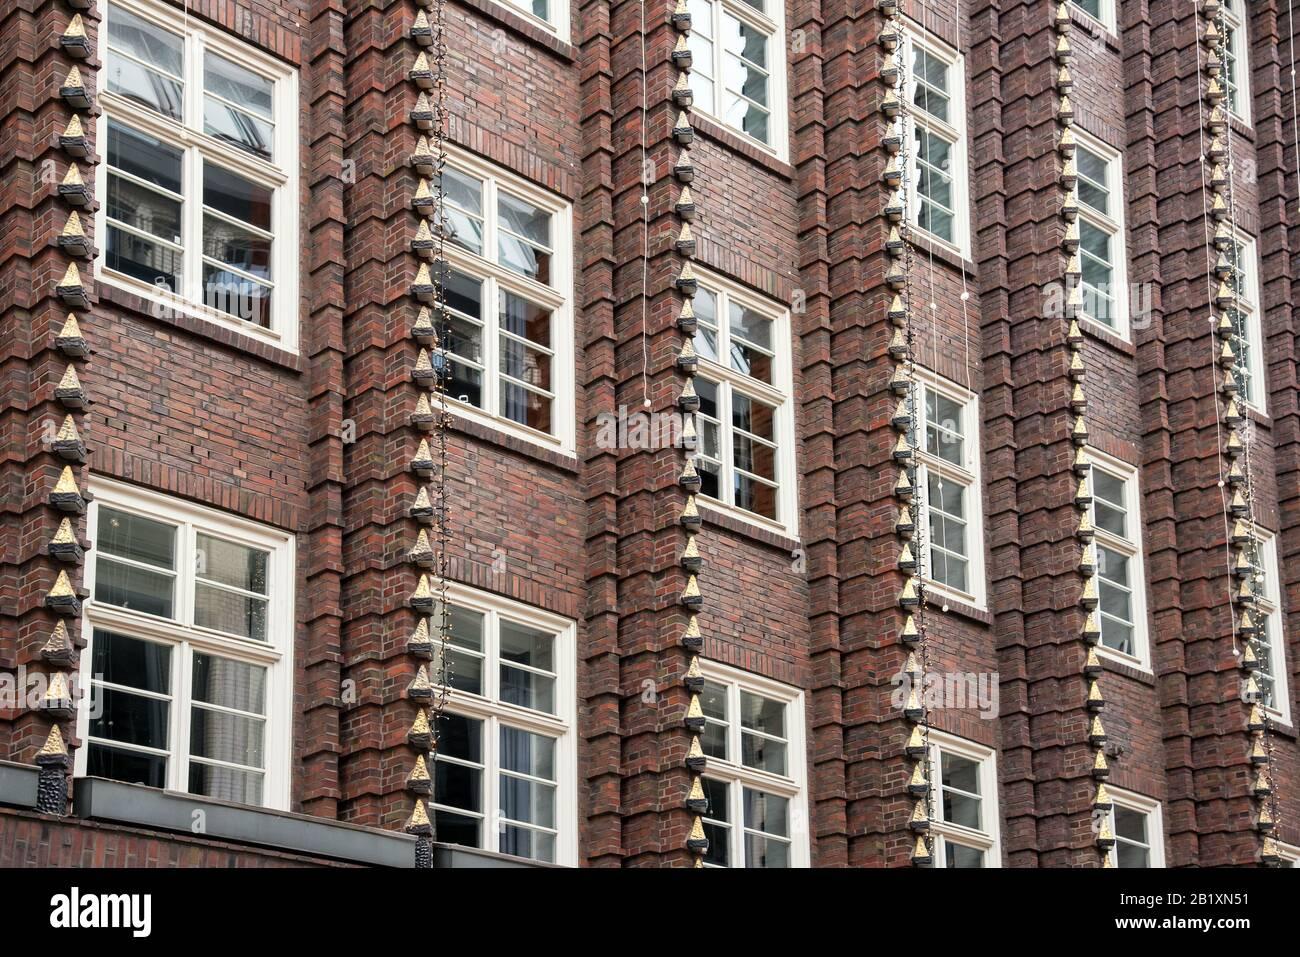 Braune Fassade aus Backstein des Palastgebäudes mit Fenstern und dekorativen senkrechten Kanten, von niedrigem Winkel im Vollformat betrachtet Stockfoto